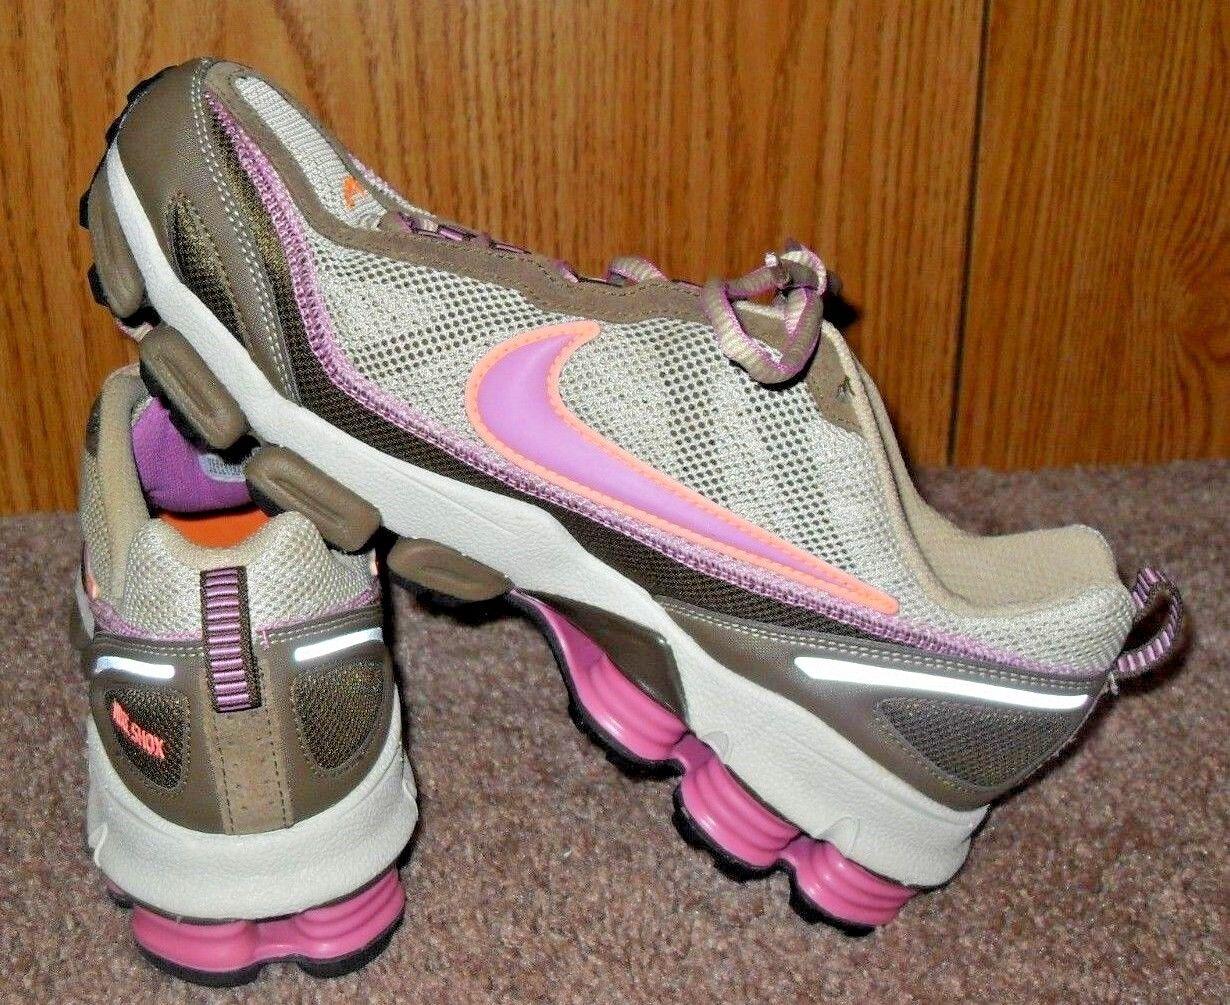 NWOT! WOMEN'S 2007 NIKE SHOX Running Shoes BROWN, TAN, PINK, ORANGE US 11.5